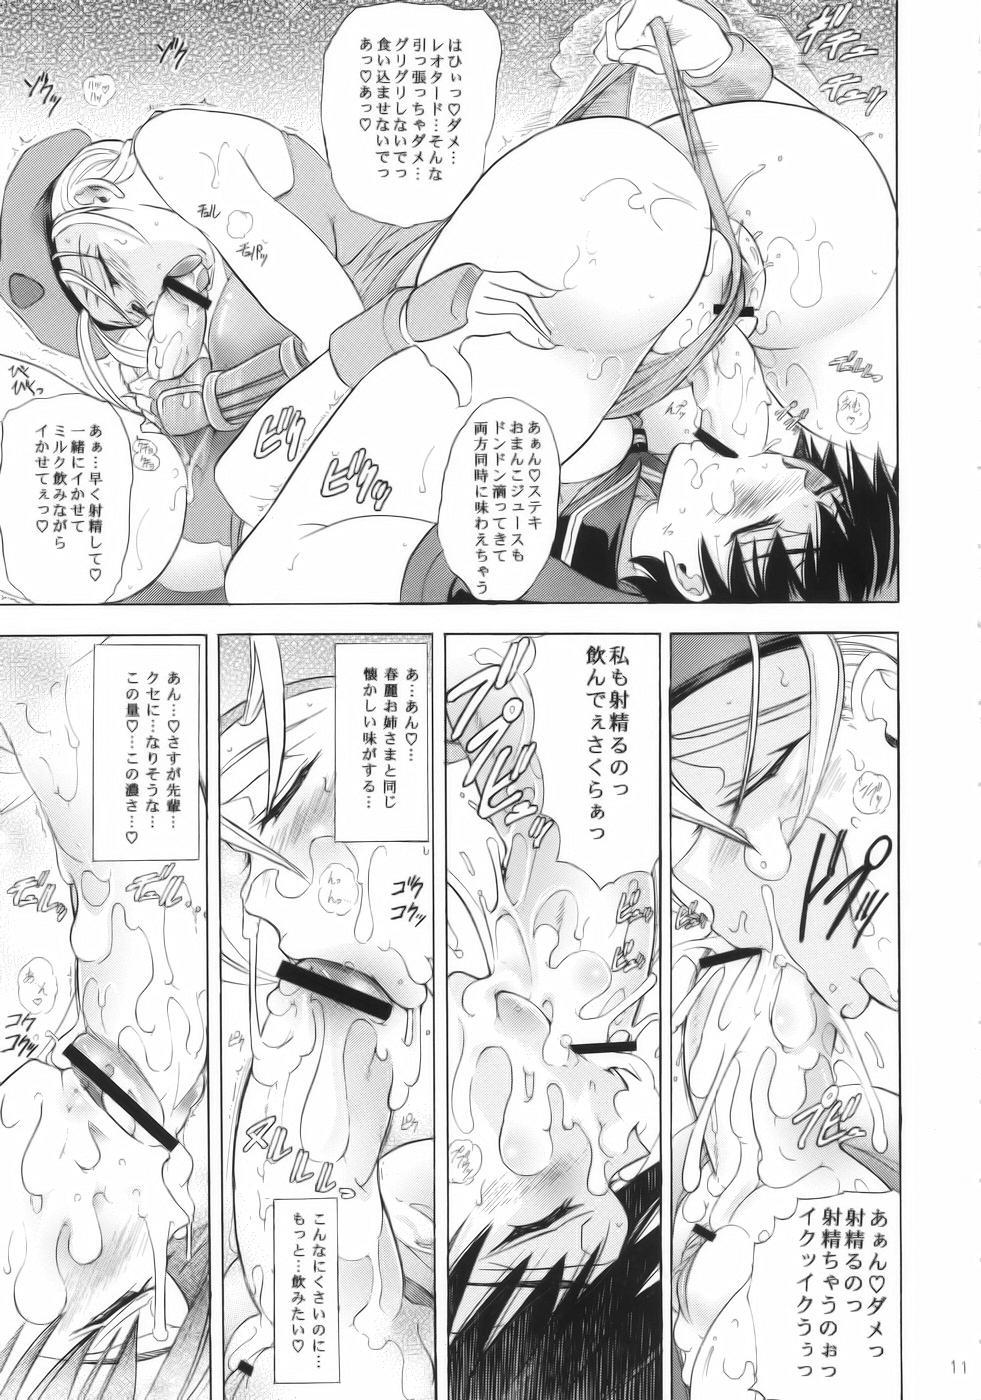 (C75) [Kawaraya Honpo (Kawaraya A-ta)] Hana - Maki no Juunana - Housenka (Street Fighter) 10